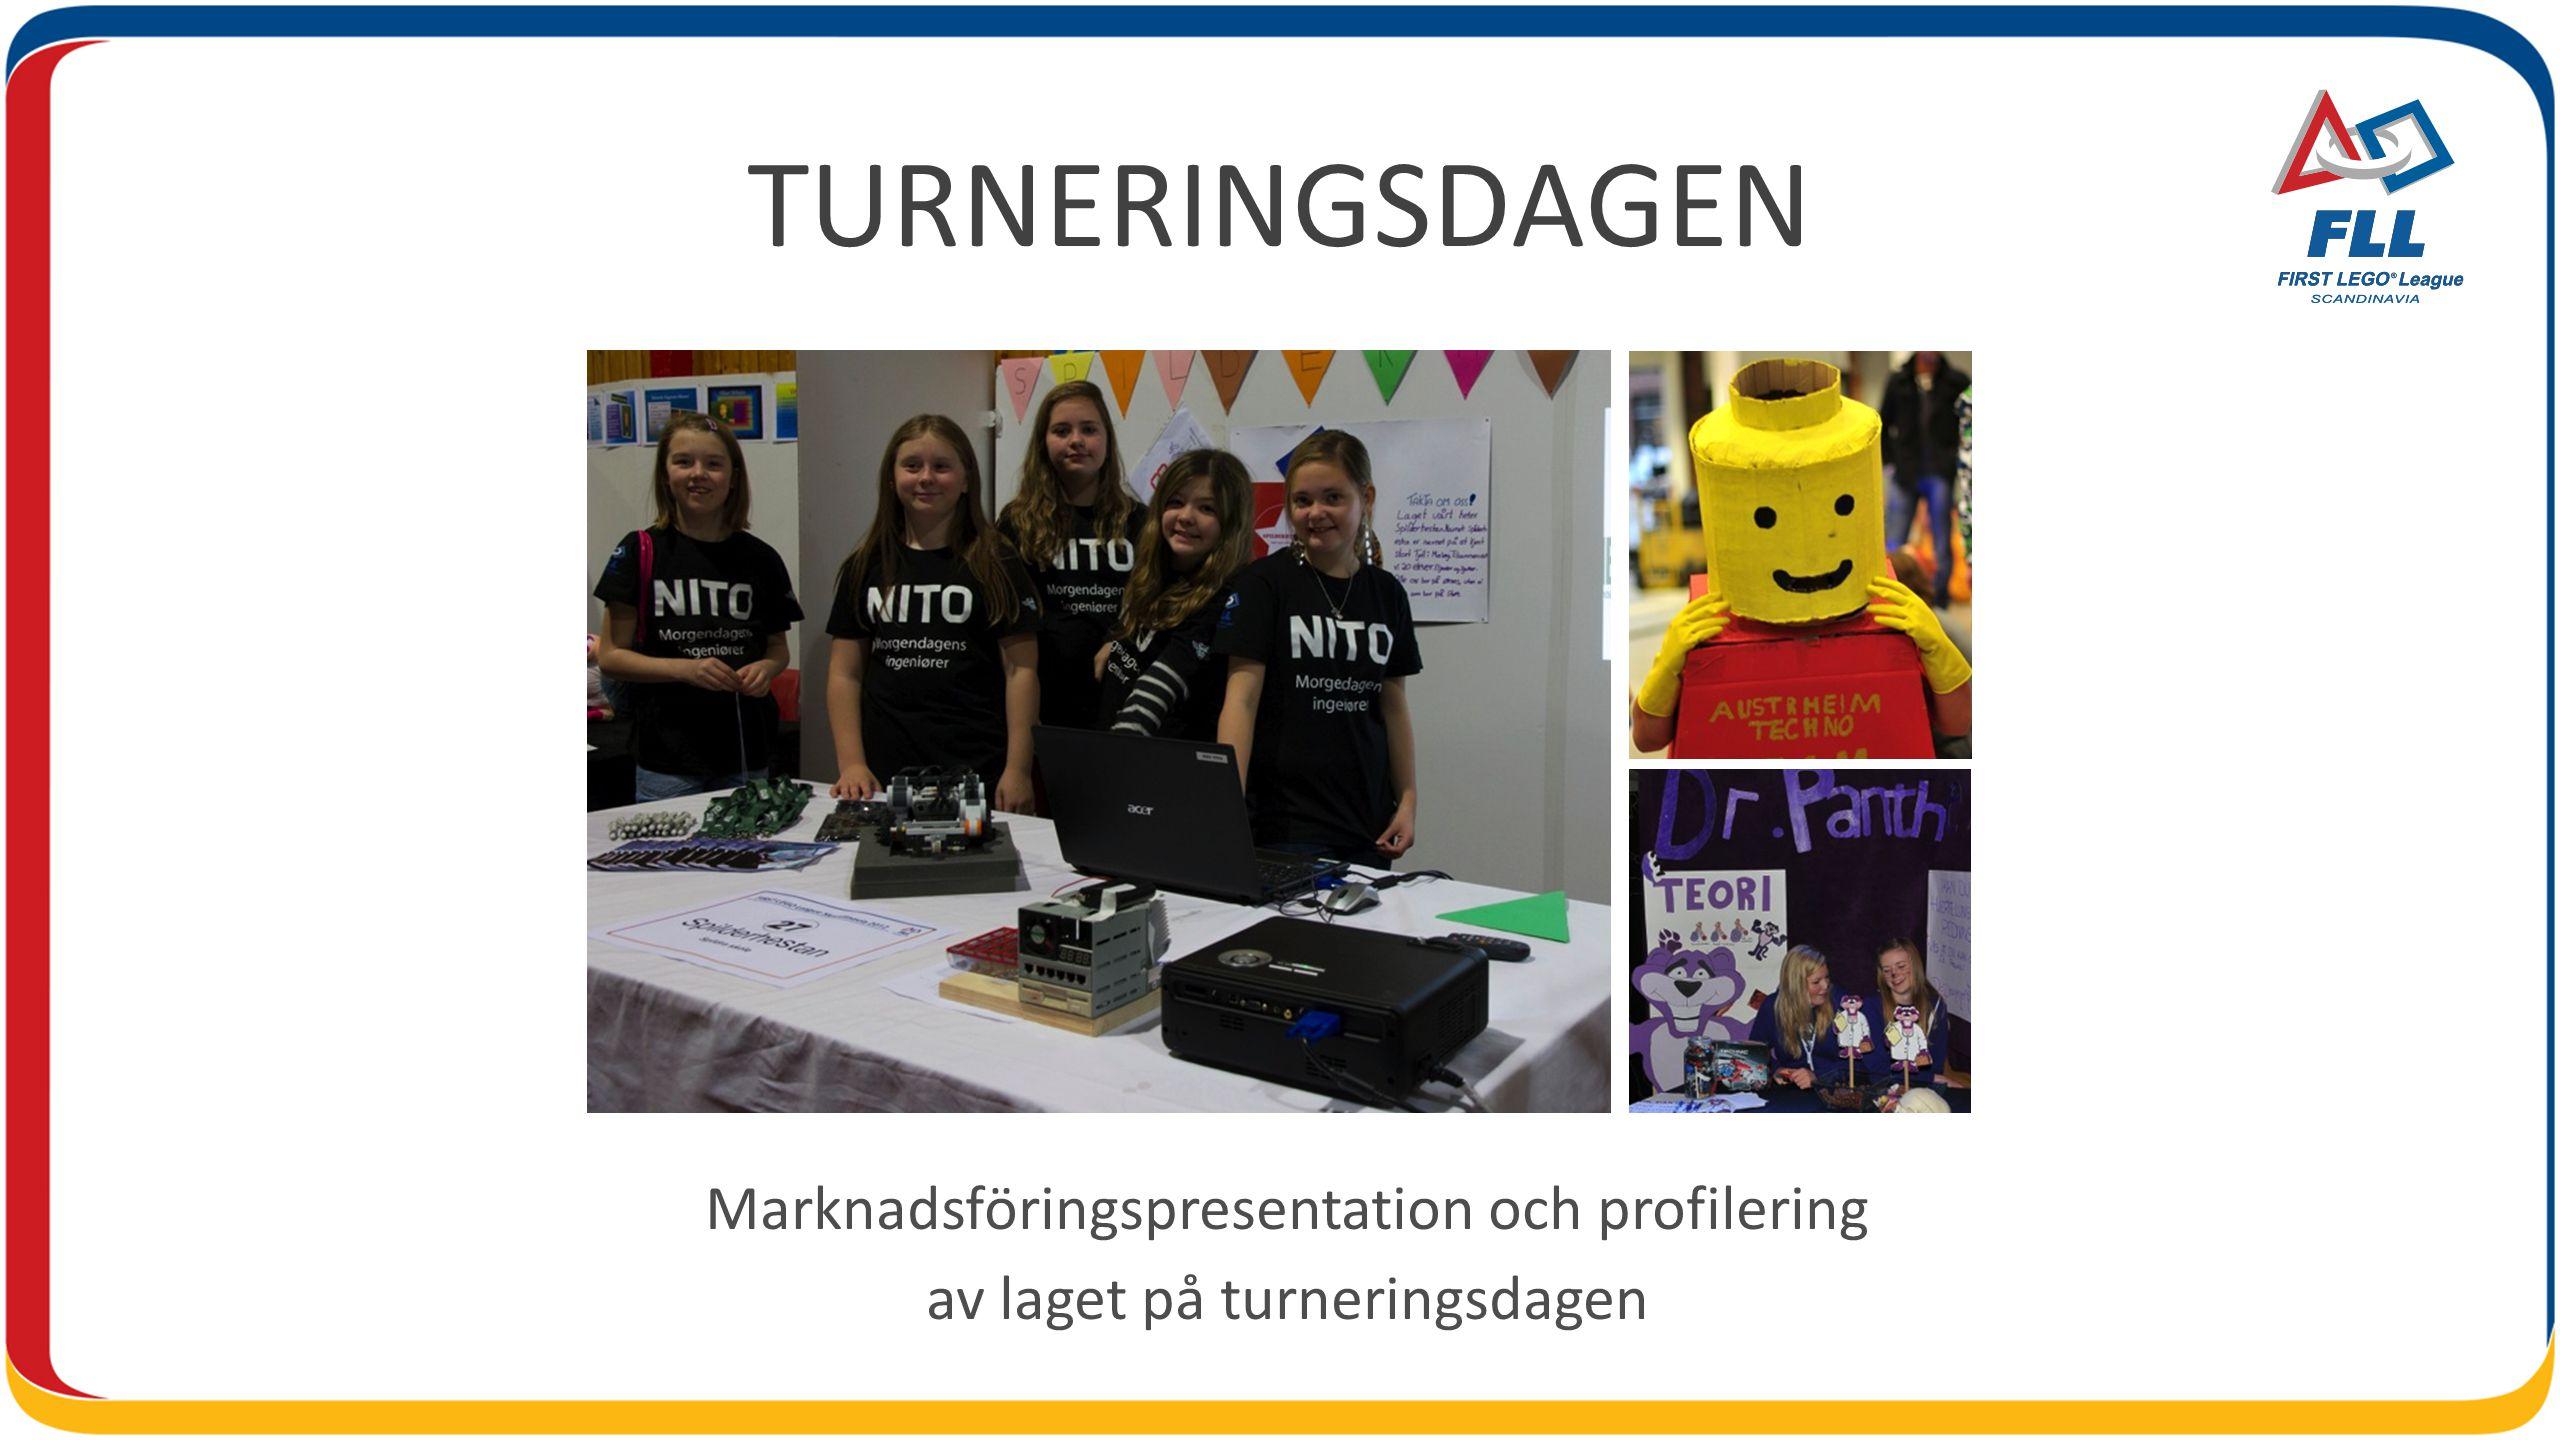 TURNERINGSDAGEN Marknadsföringspresentation och profilering av laget på turneringsdagen